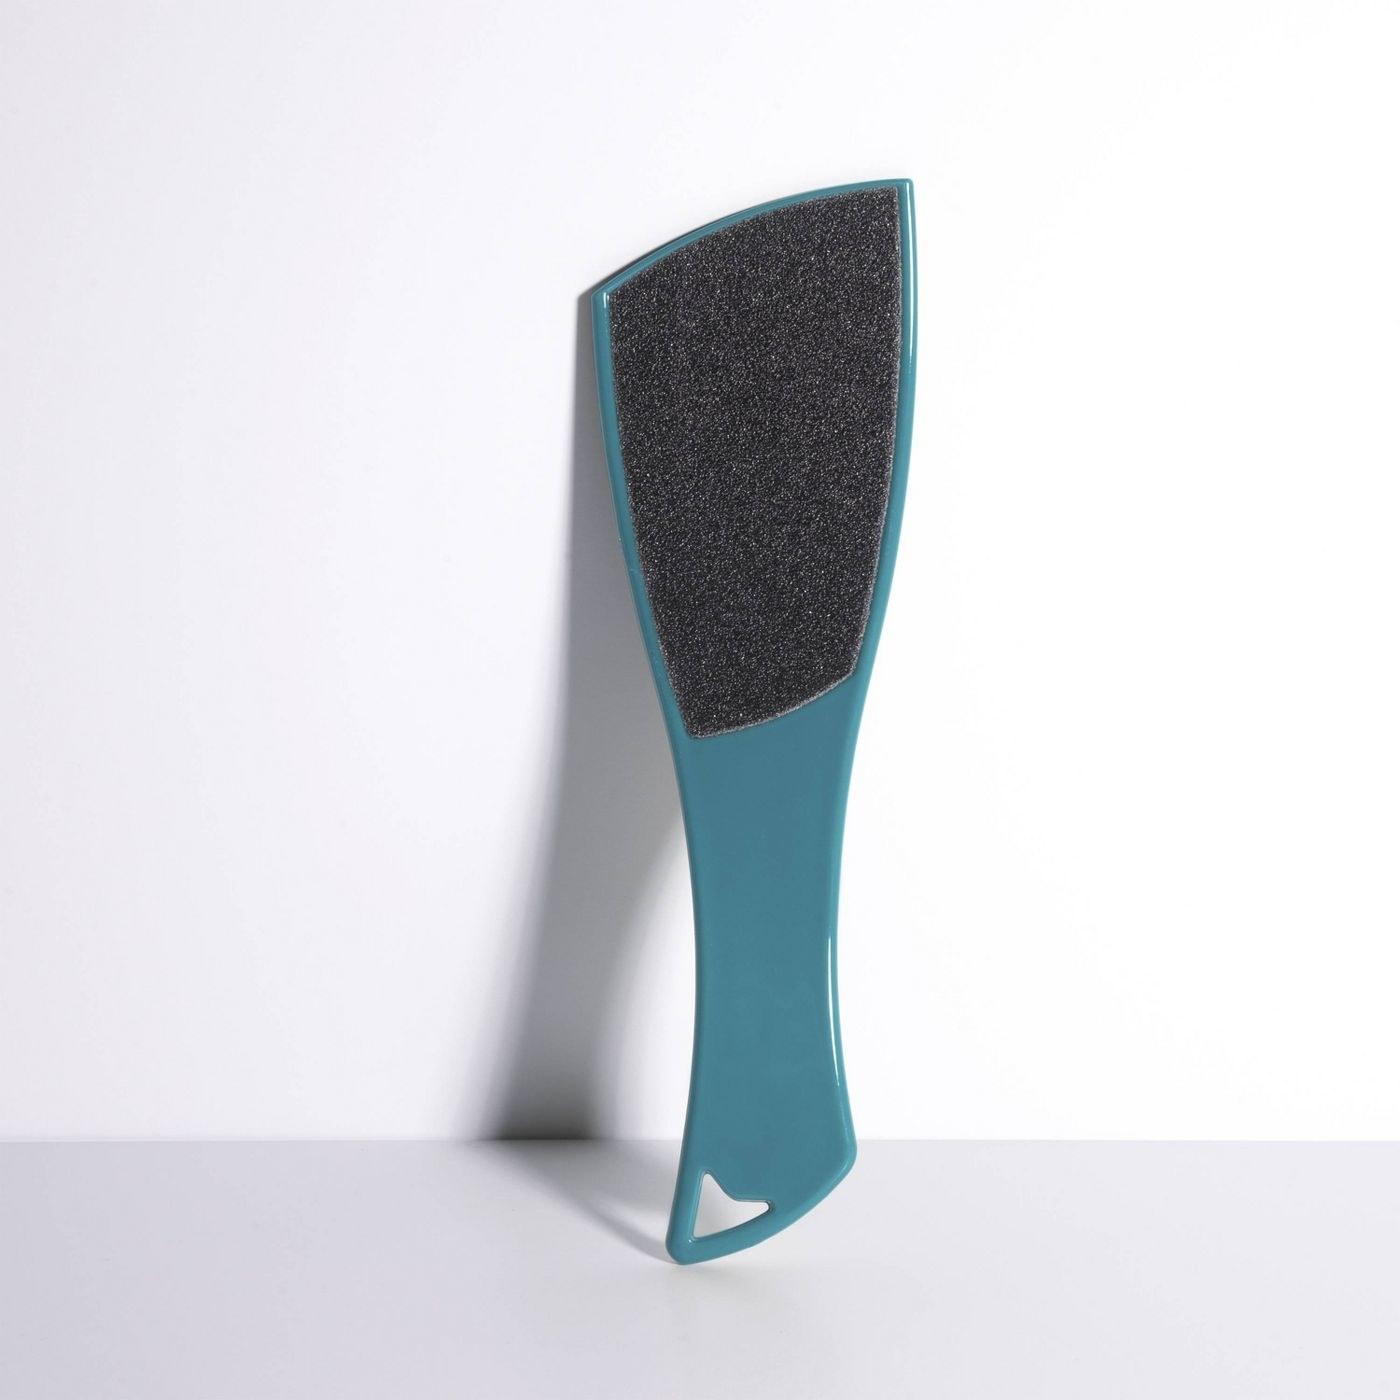 The foot filer